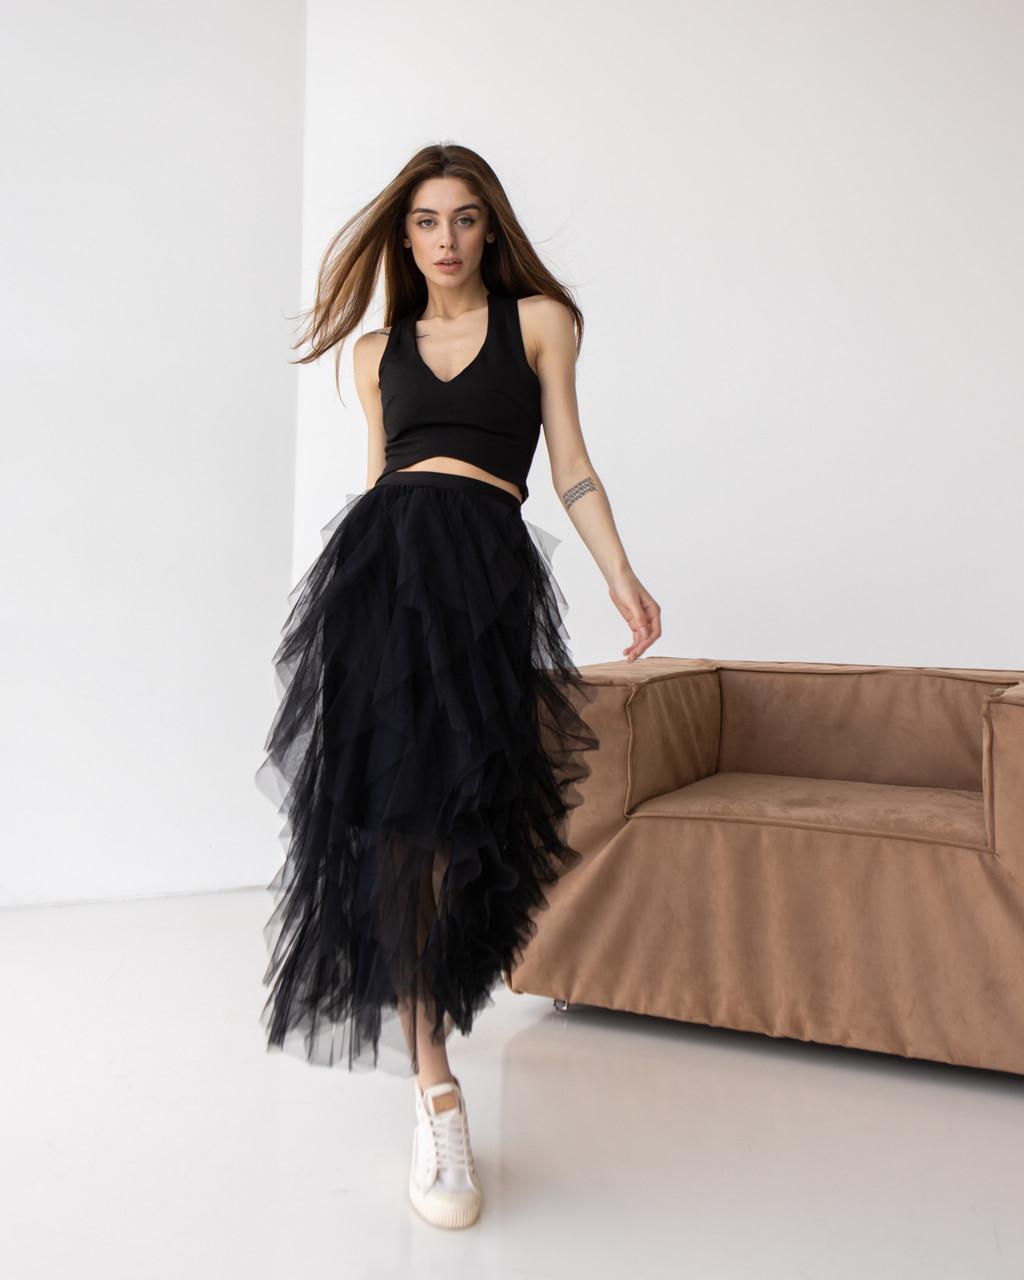 Летящая воздушная юбка миди в черном цвете в размере S/M и L/XL.